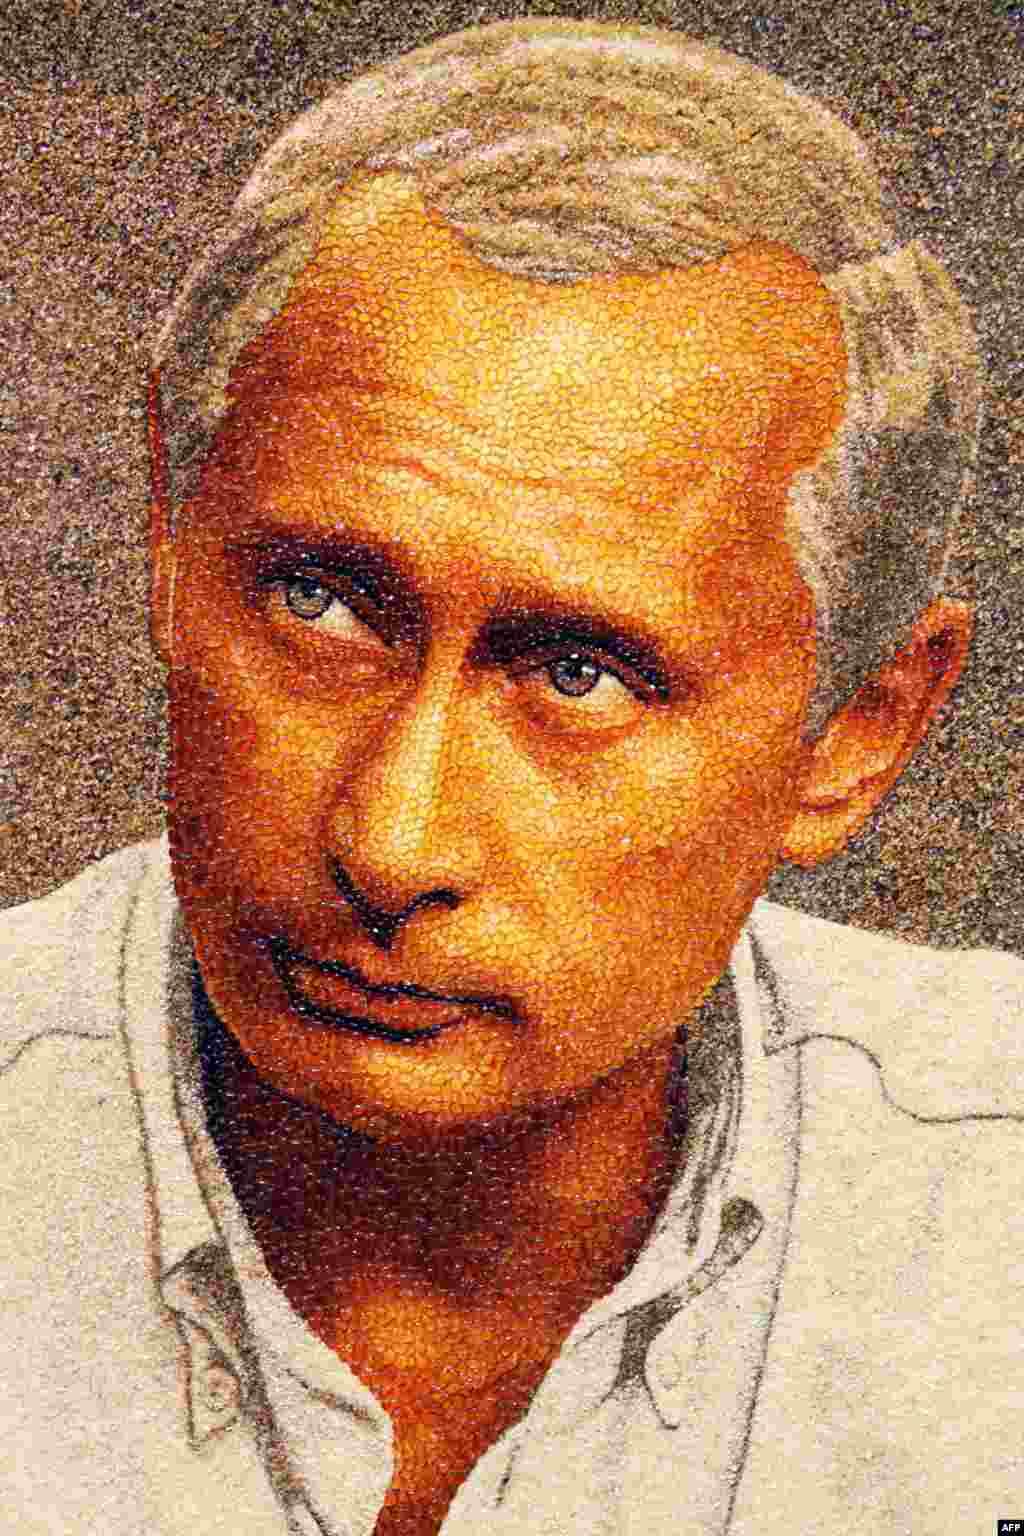 Портрет Владимира Путина, сделанный из янтаря, в одной из галерей Петербурга. Стоимость произведения - свыше 2,000 евро